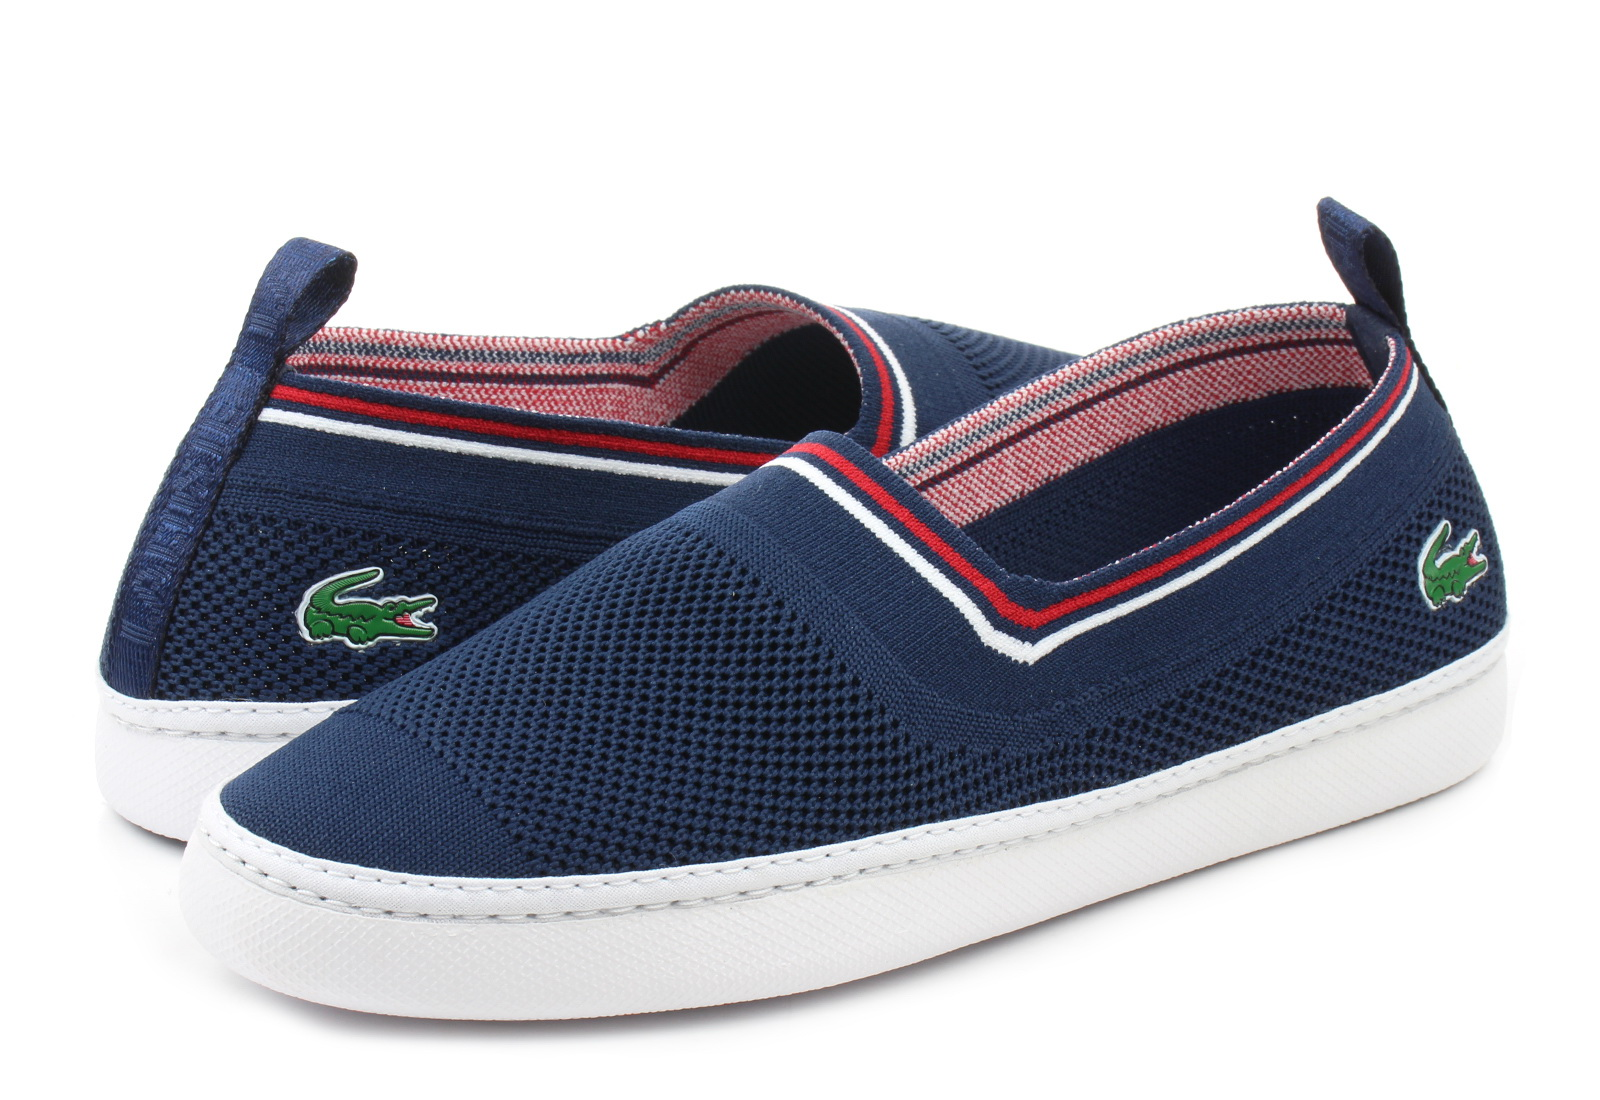 9ffa81e2c1 Lacoste Cipő - L.ydro - 191CFA0022-144 - Office Shoes Magyarország